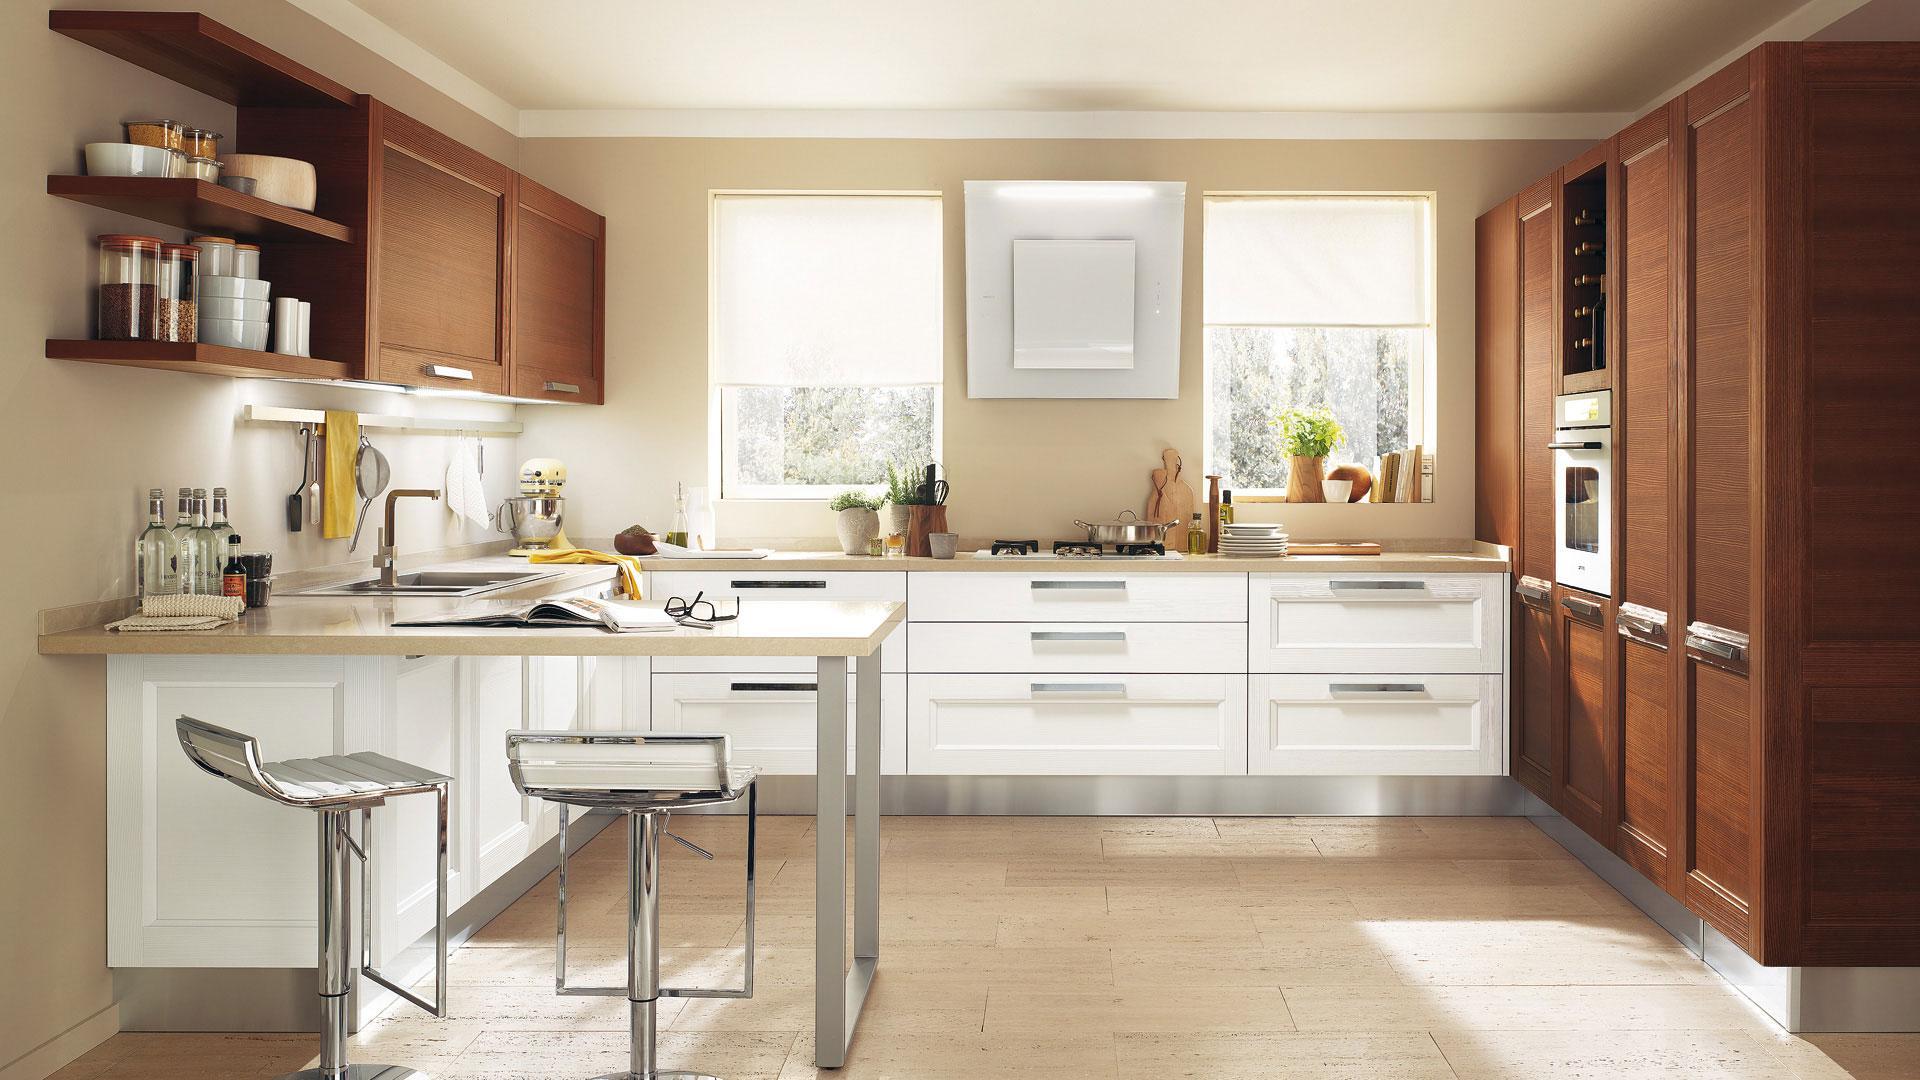 Lube georgia mobilia group divani cucine e for Mobilia arredamenti camerette